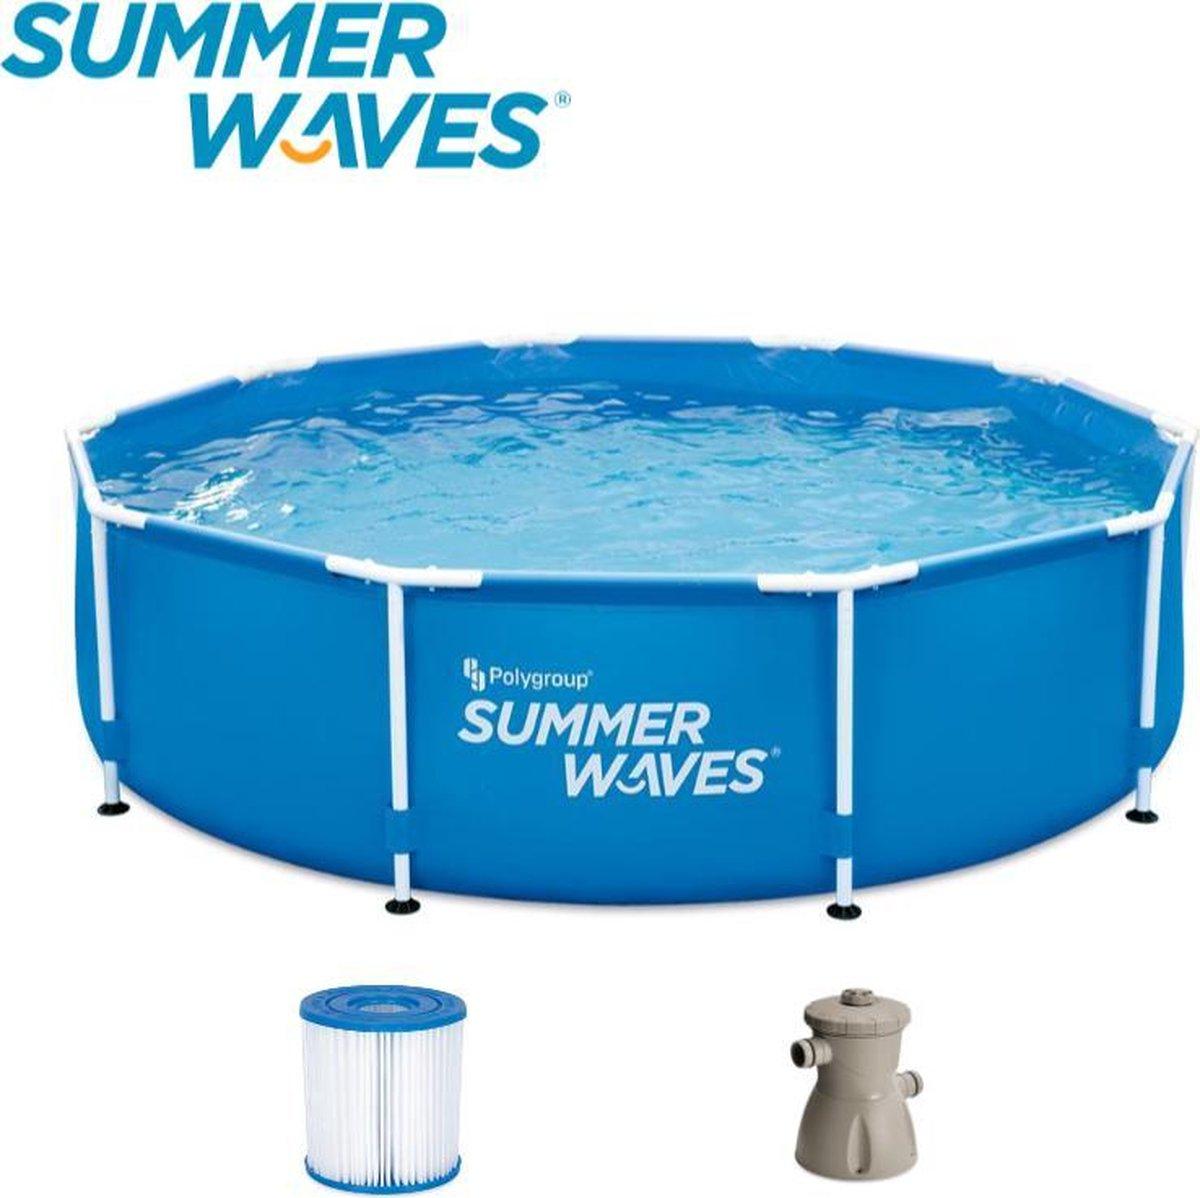 Summer Waves Frame Zwembad   Ø 366 cm x 76 xm   Inclusief Filterpomp   Blauw